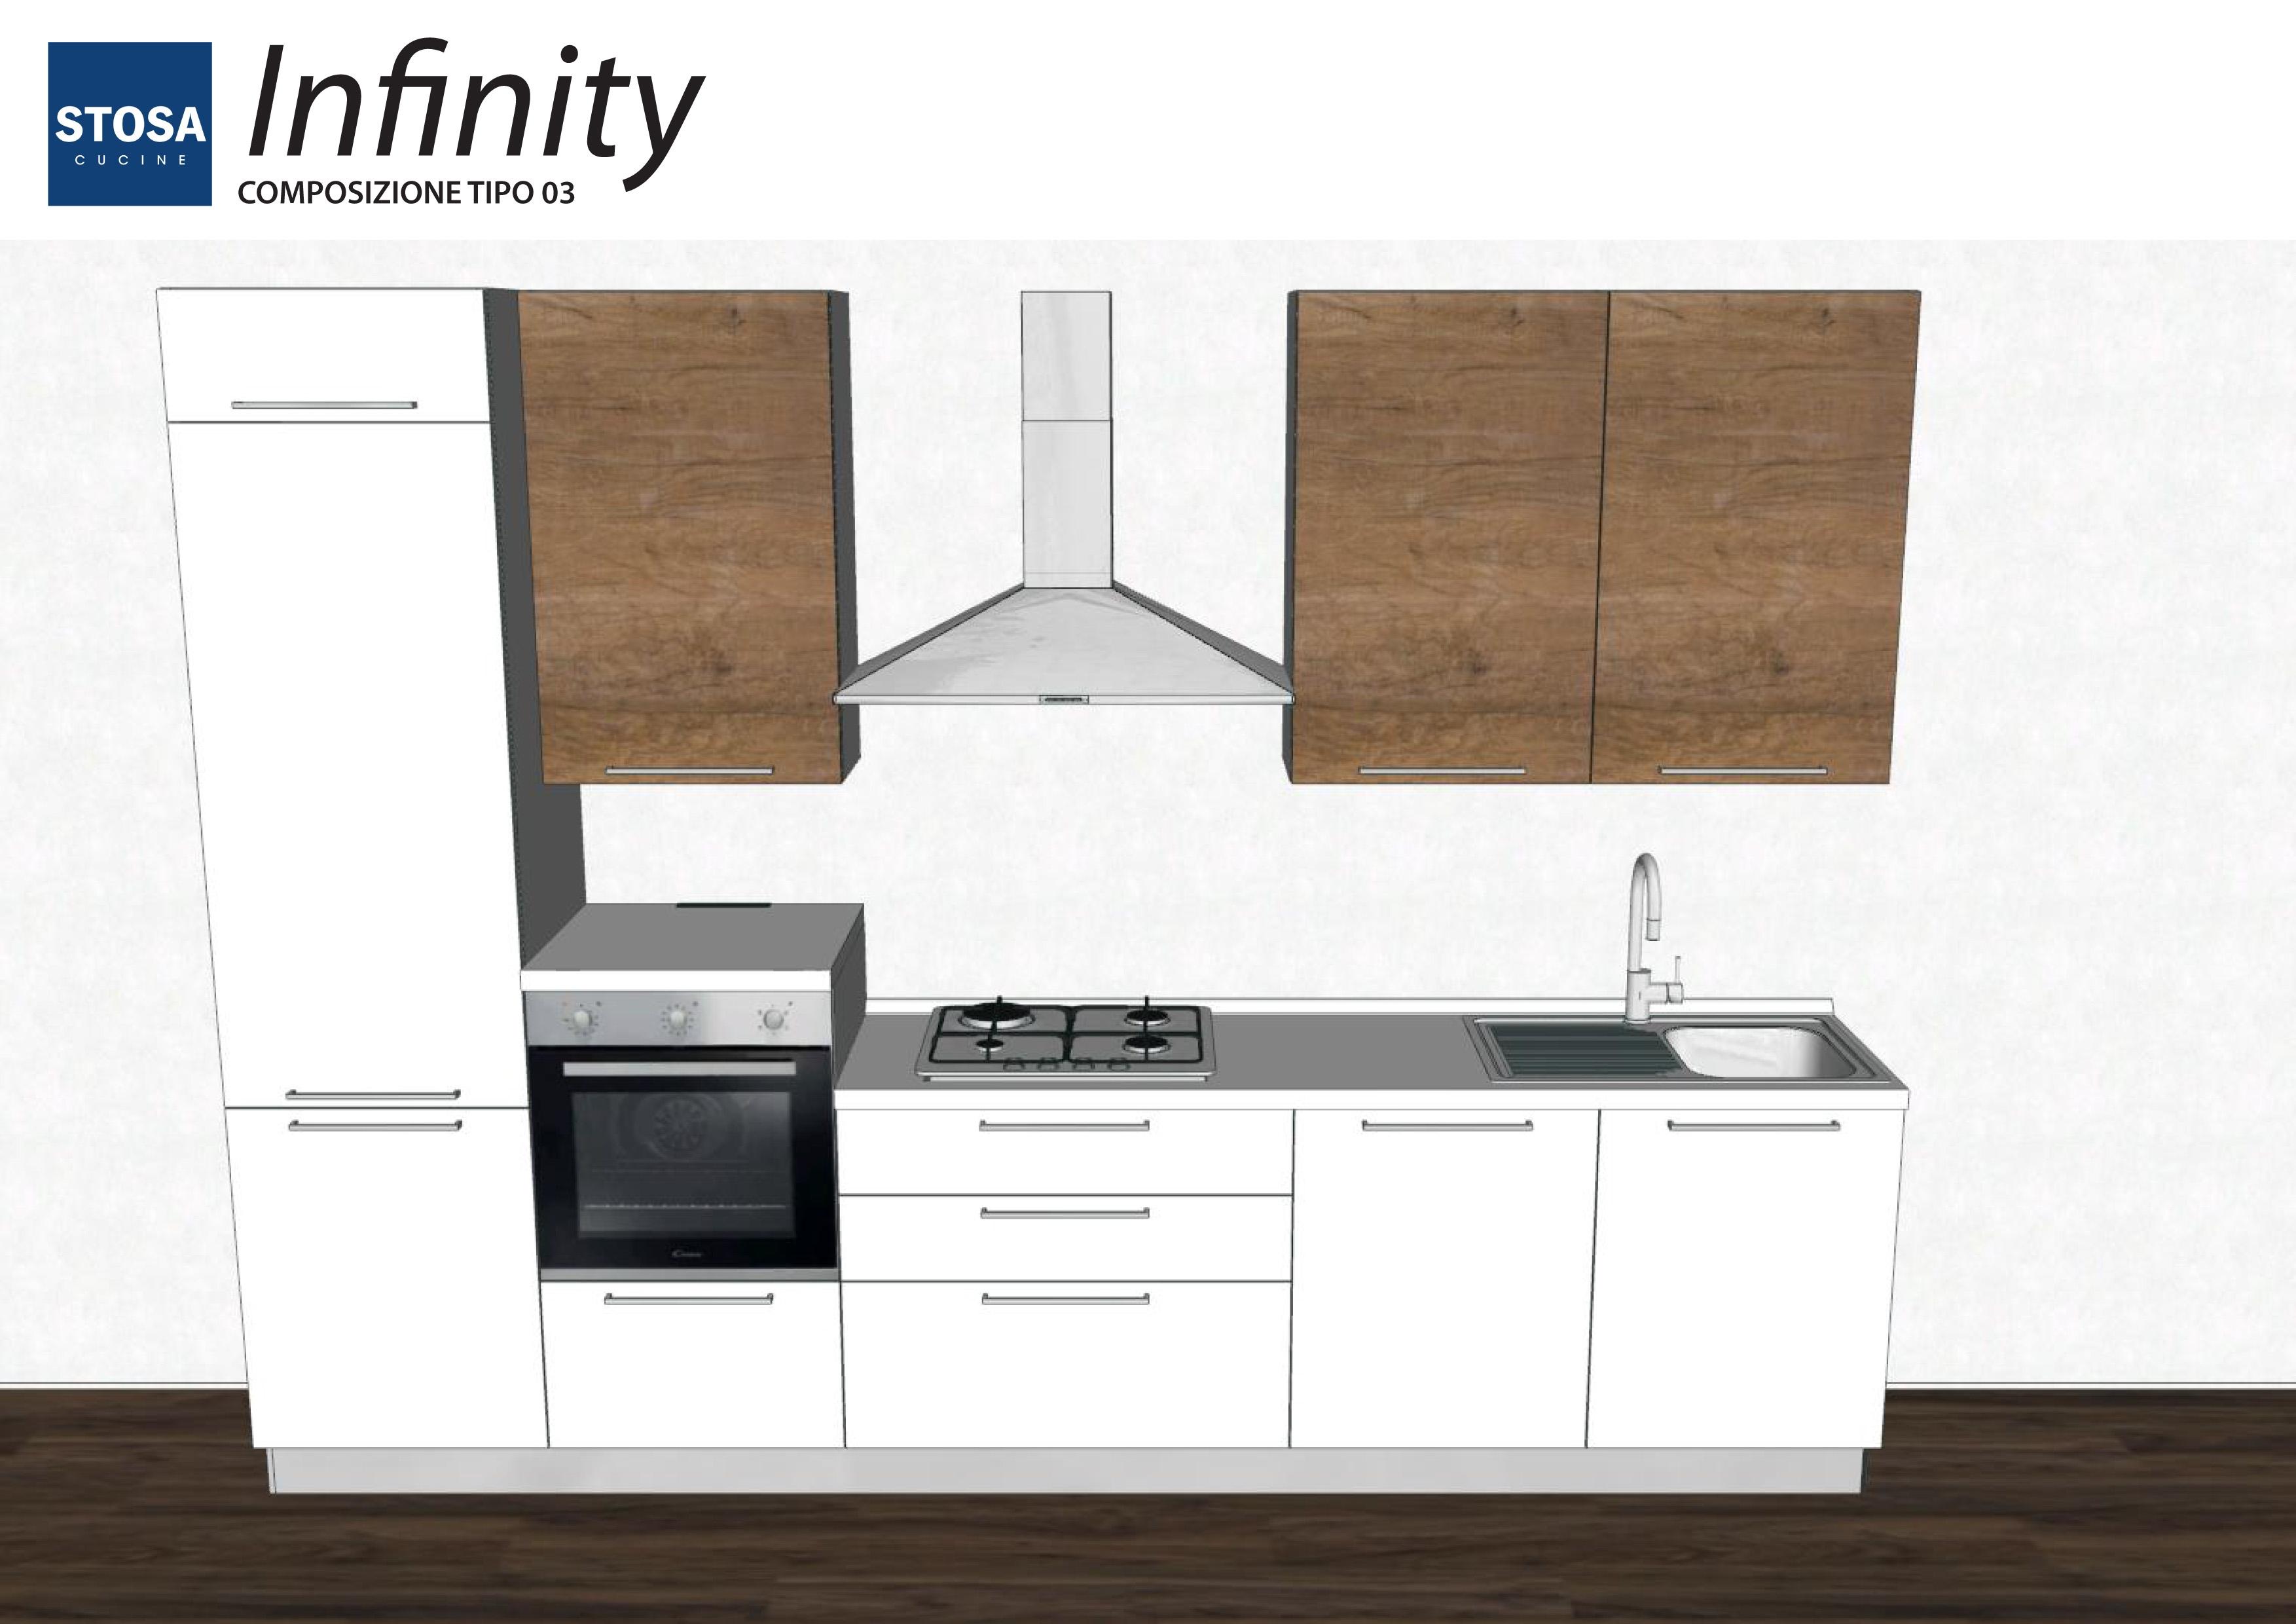 Stosa cucine infinity bloccata cucine a prezzi scontati - Stosa cucine prezzi ...